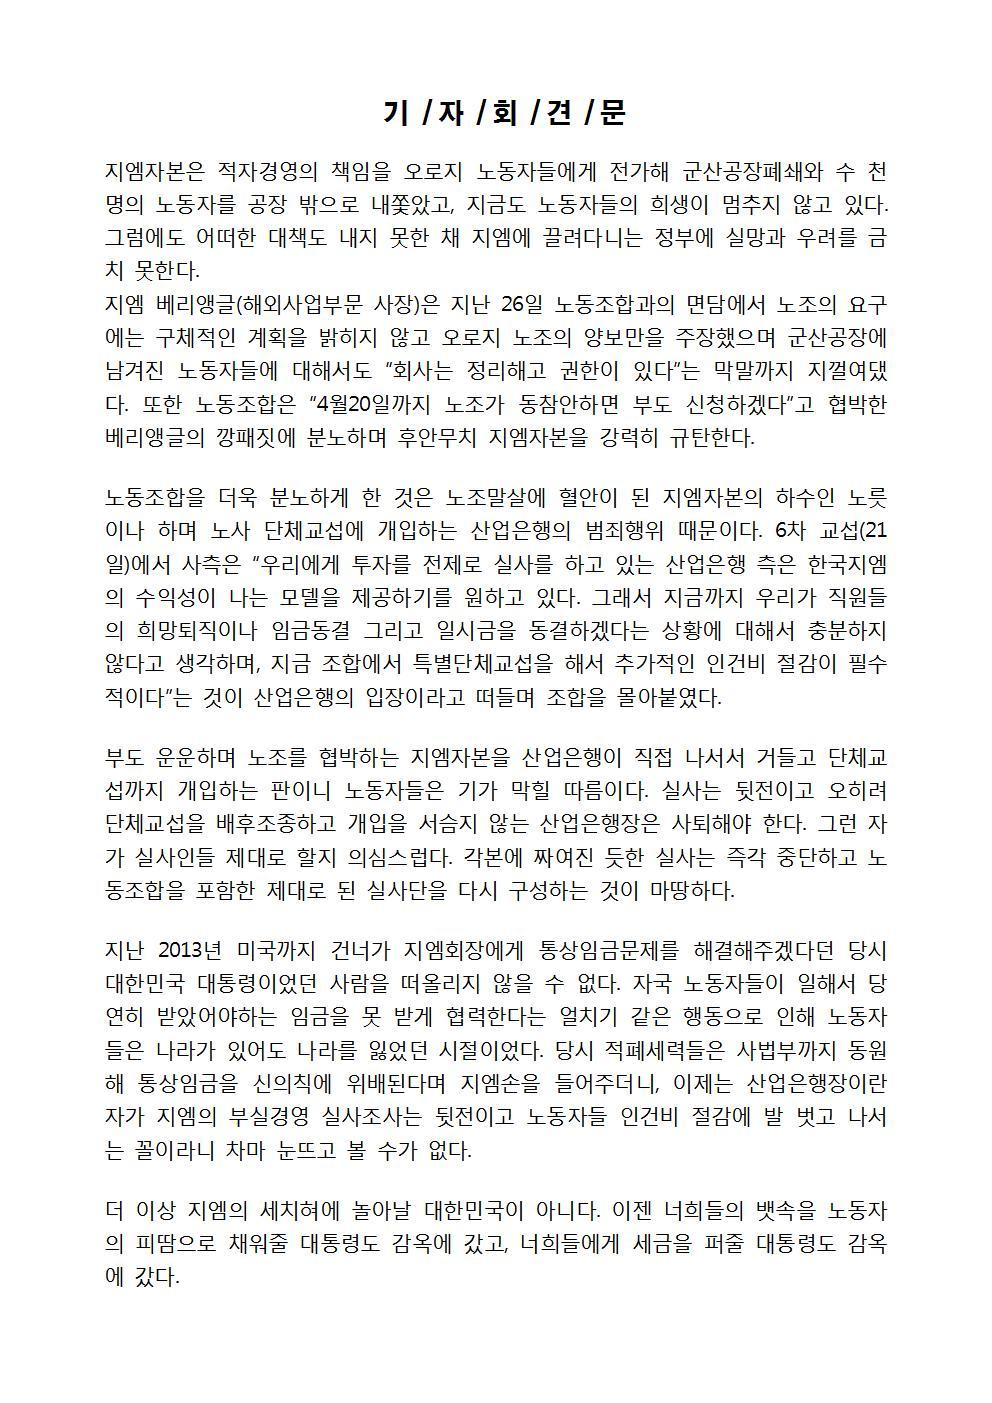 최종기자회견문002.jpg